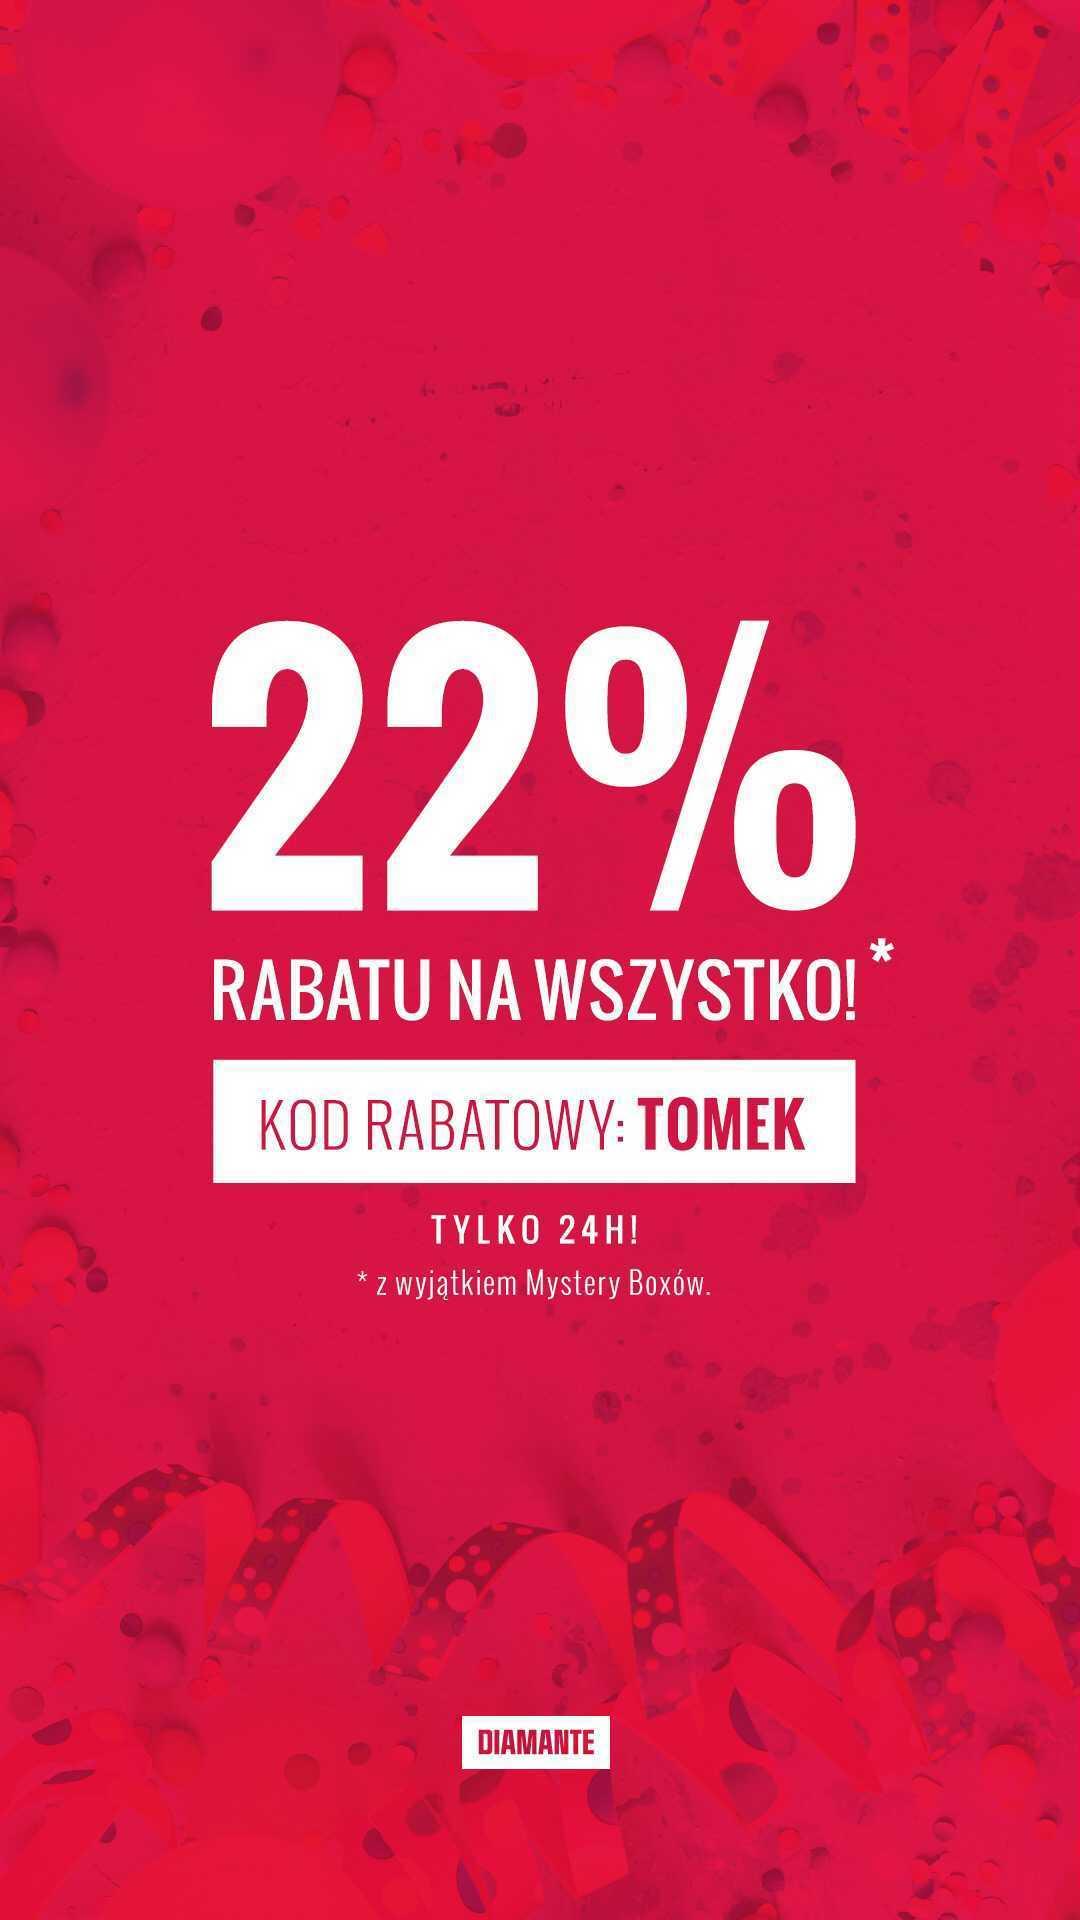 22% rabatu na WSZYSTKO*, w tym wyprzedaż, bez MWZ